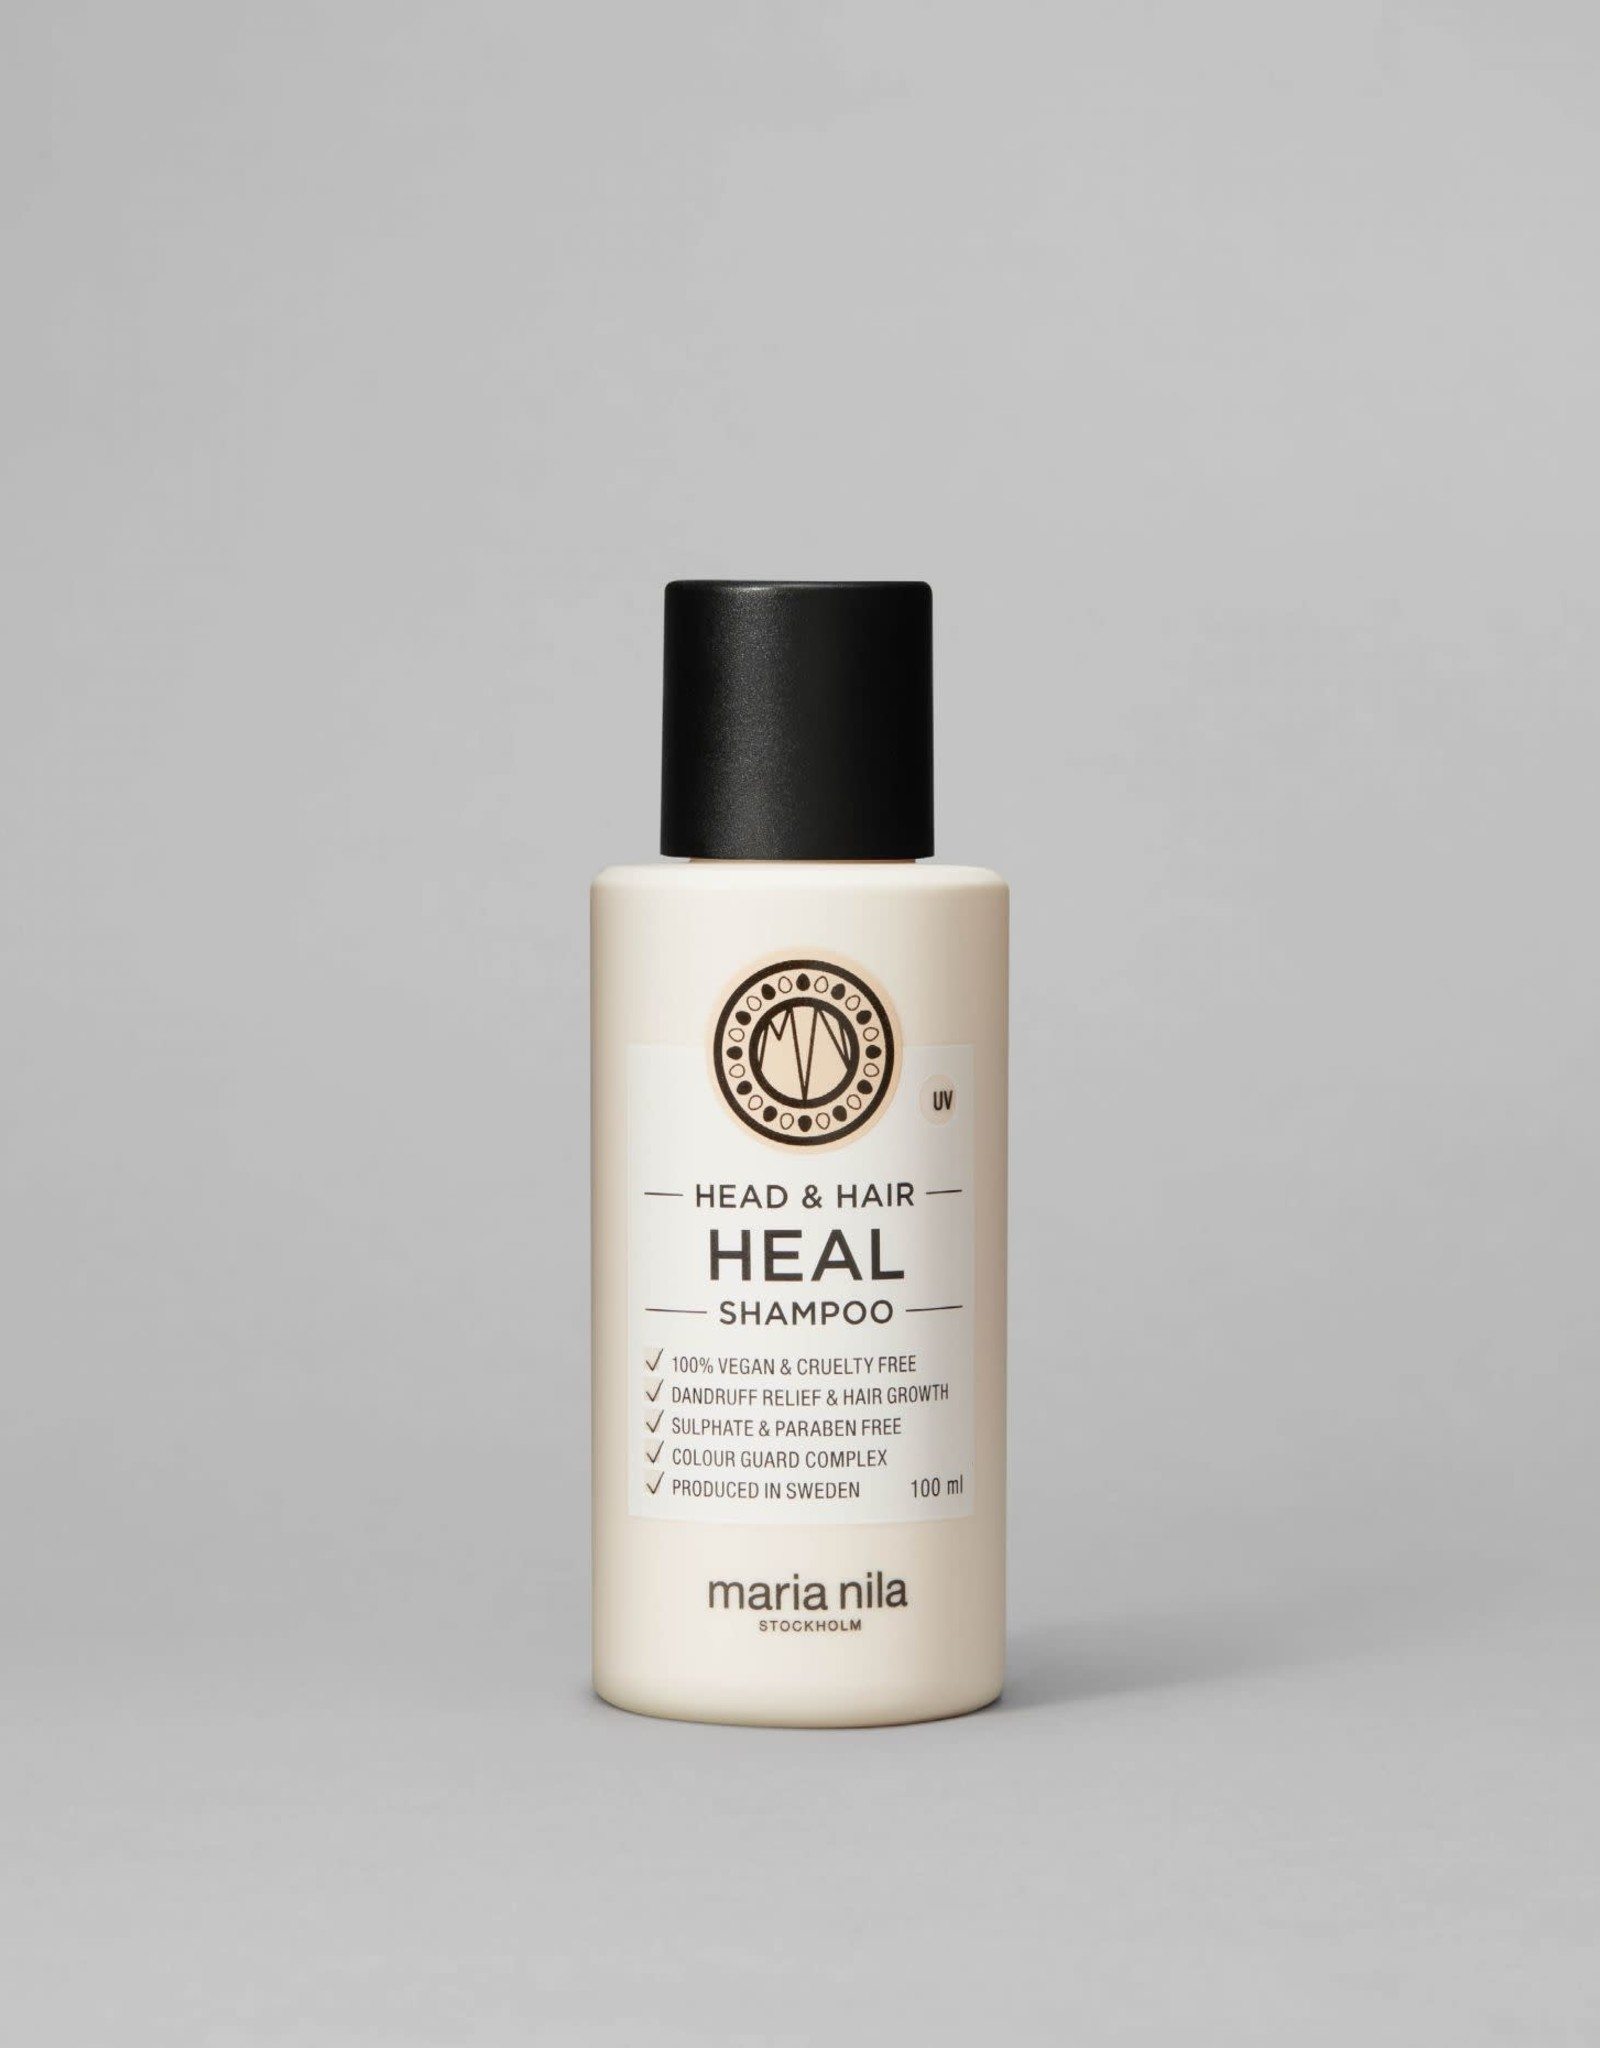 Maria Nila Head & Hair Heal Shampoo 100ml